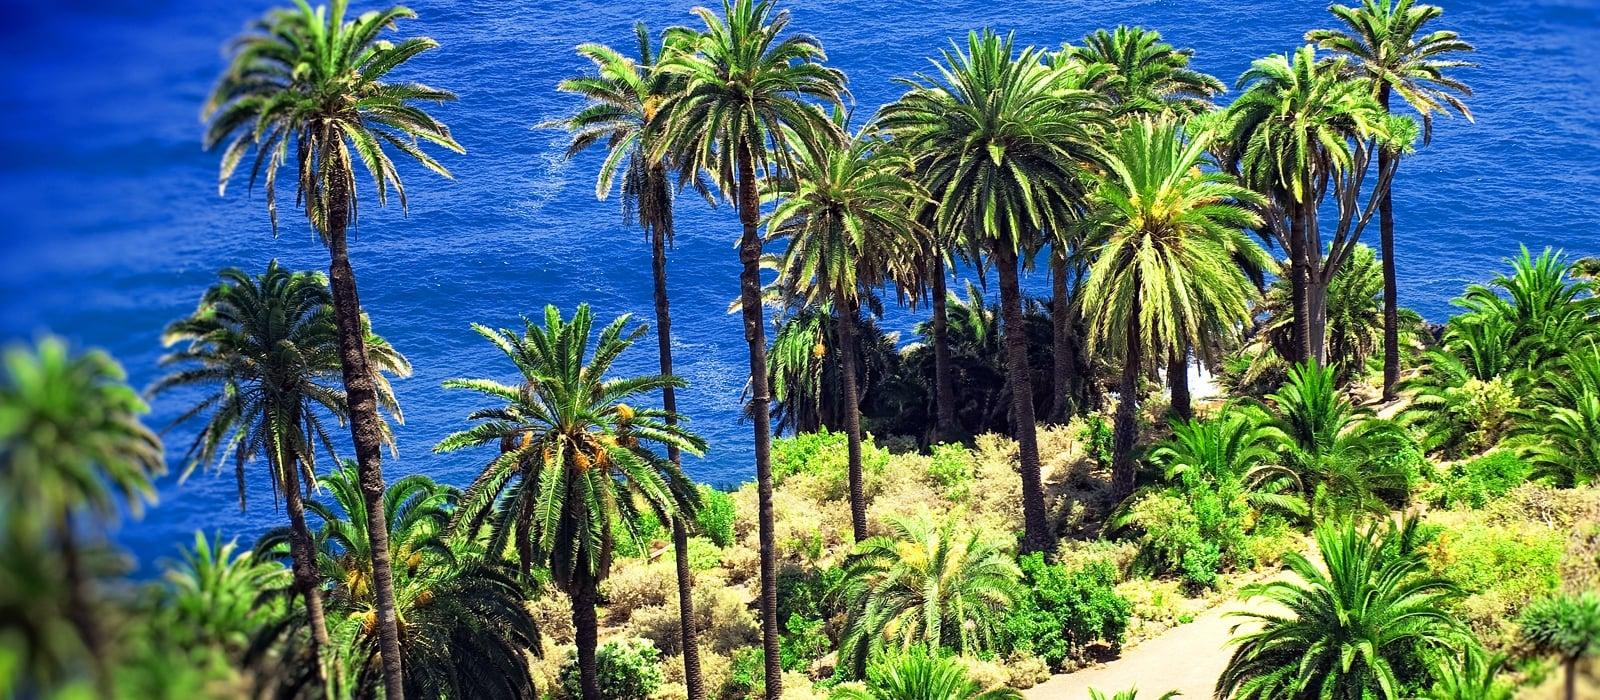 Vincci Hoteles. I migliori hotel a Tenerife